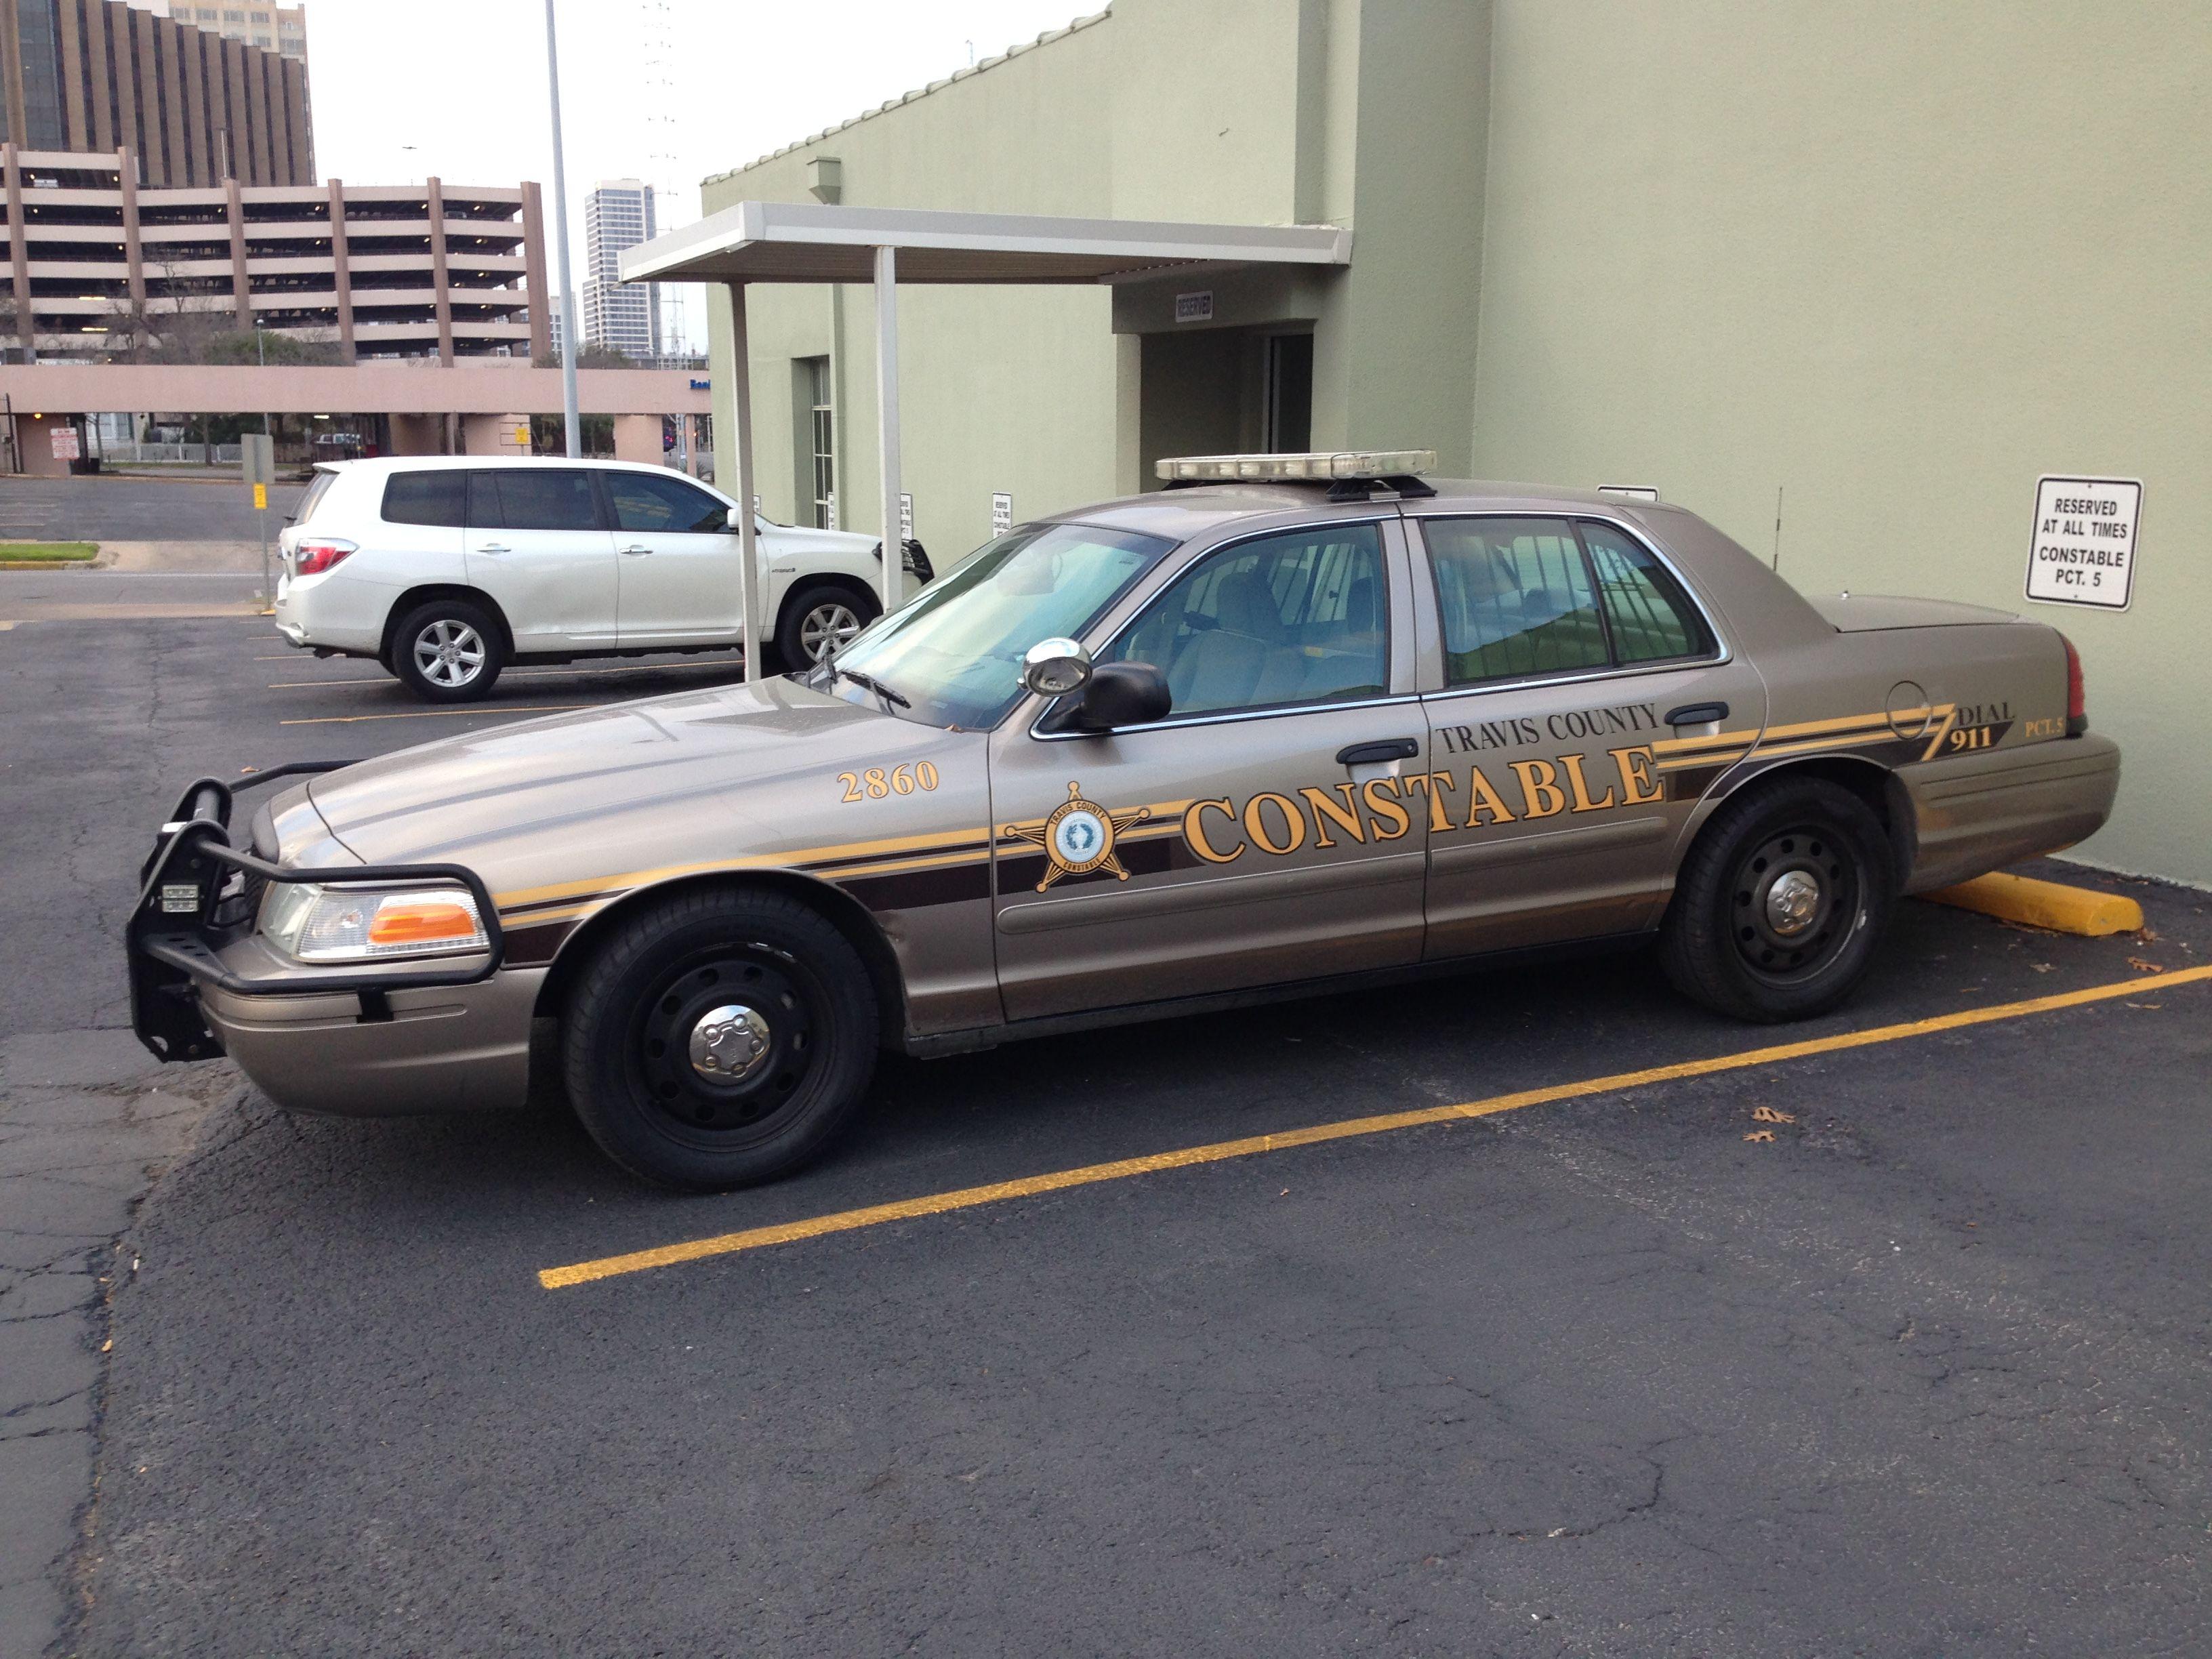 Travis county precinct 5 constable ford crown victoria texas